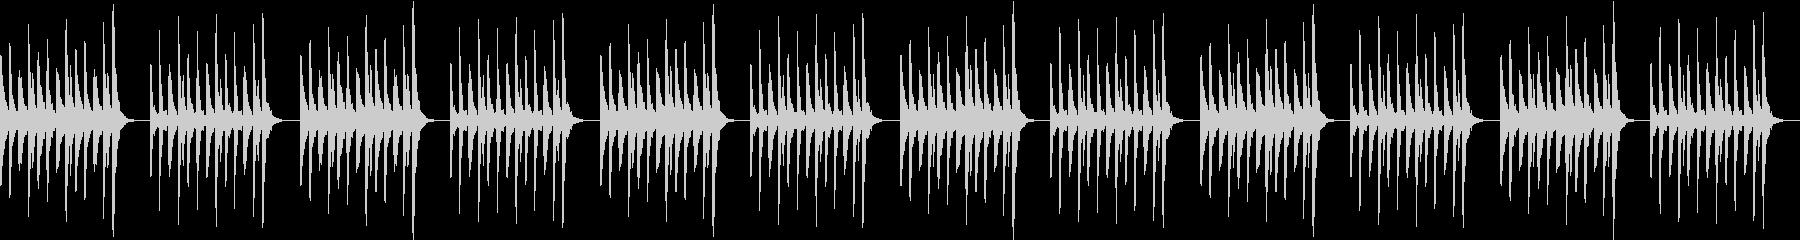 ゆったりしたトークを邪魔しないマリンバの未再生の波形